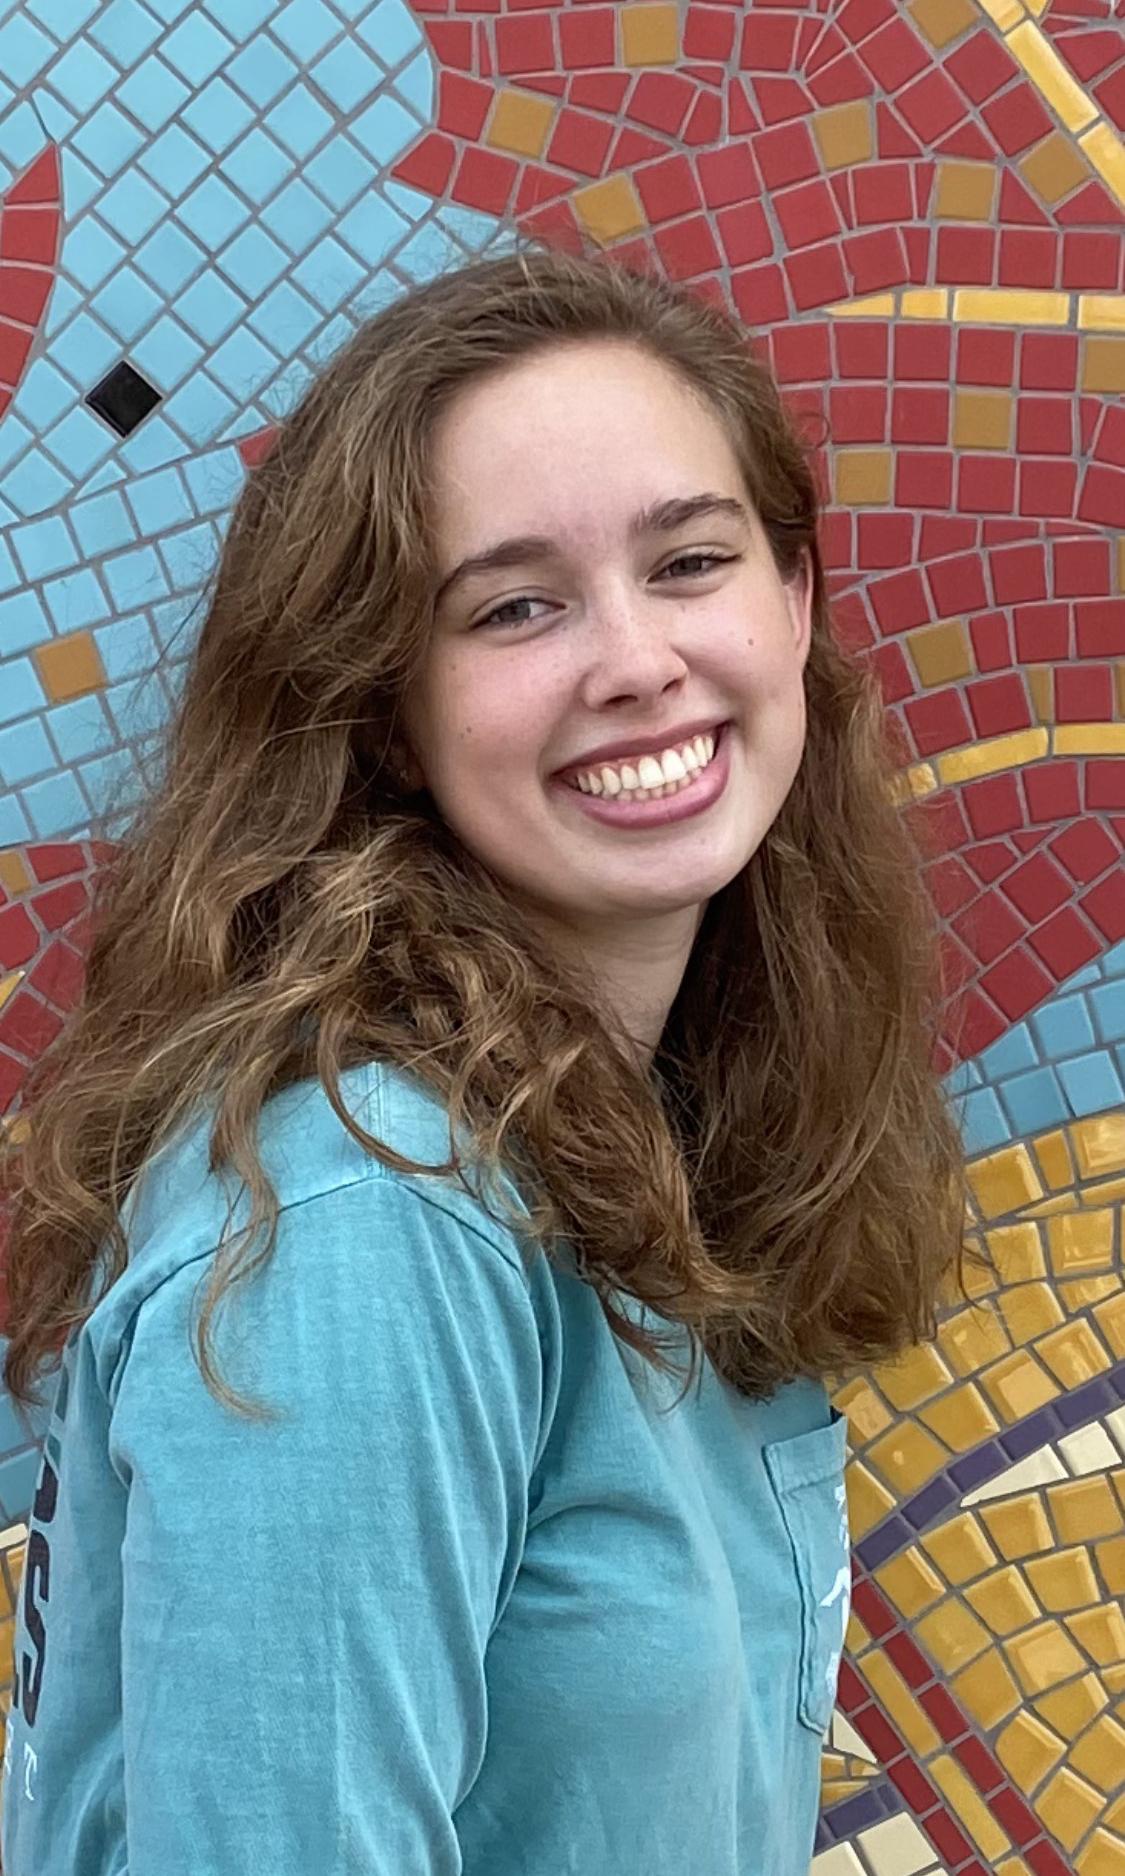 Devon Scott-Davis photographed against a colorful wall.